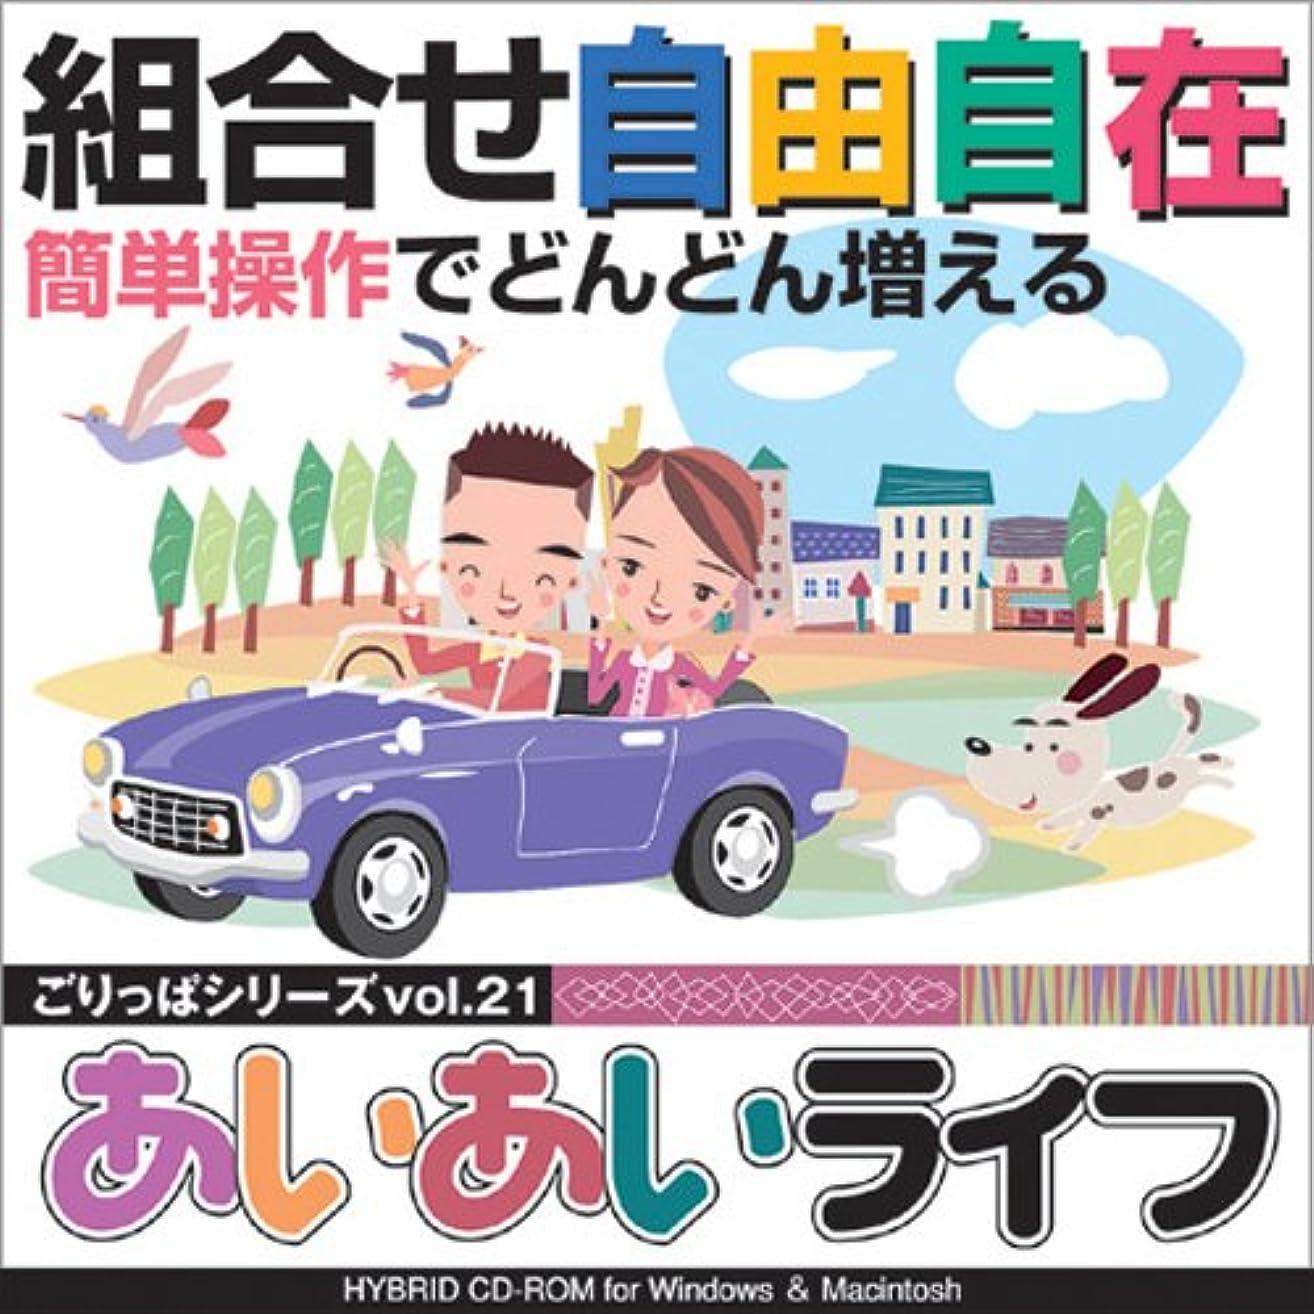 教育学財団誘うごりっぱシリーズ Vol.21「あいあいライフ」